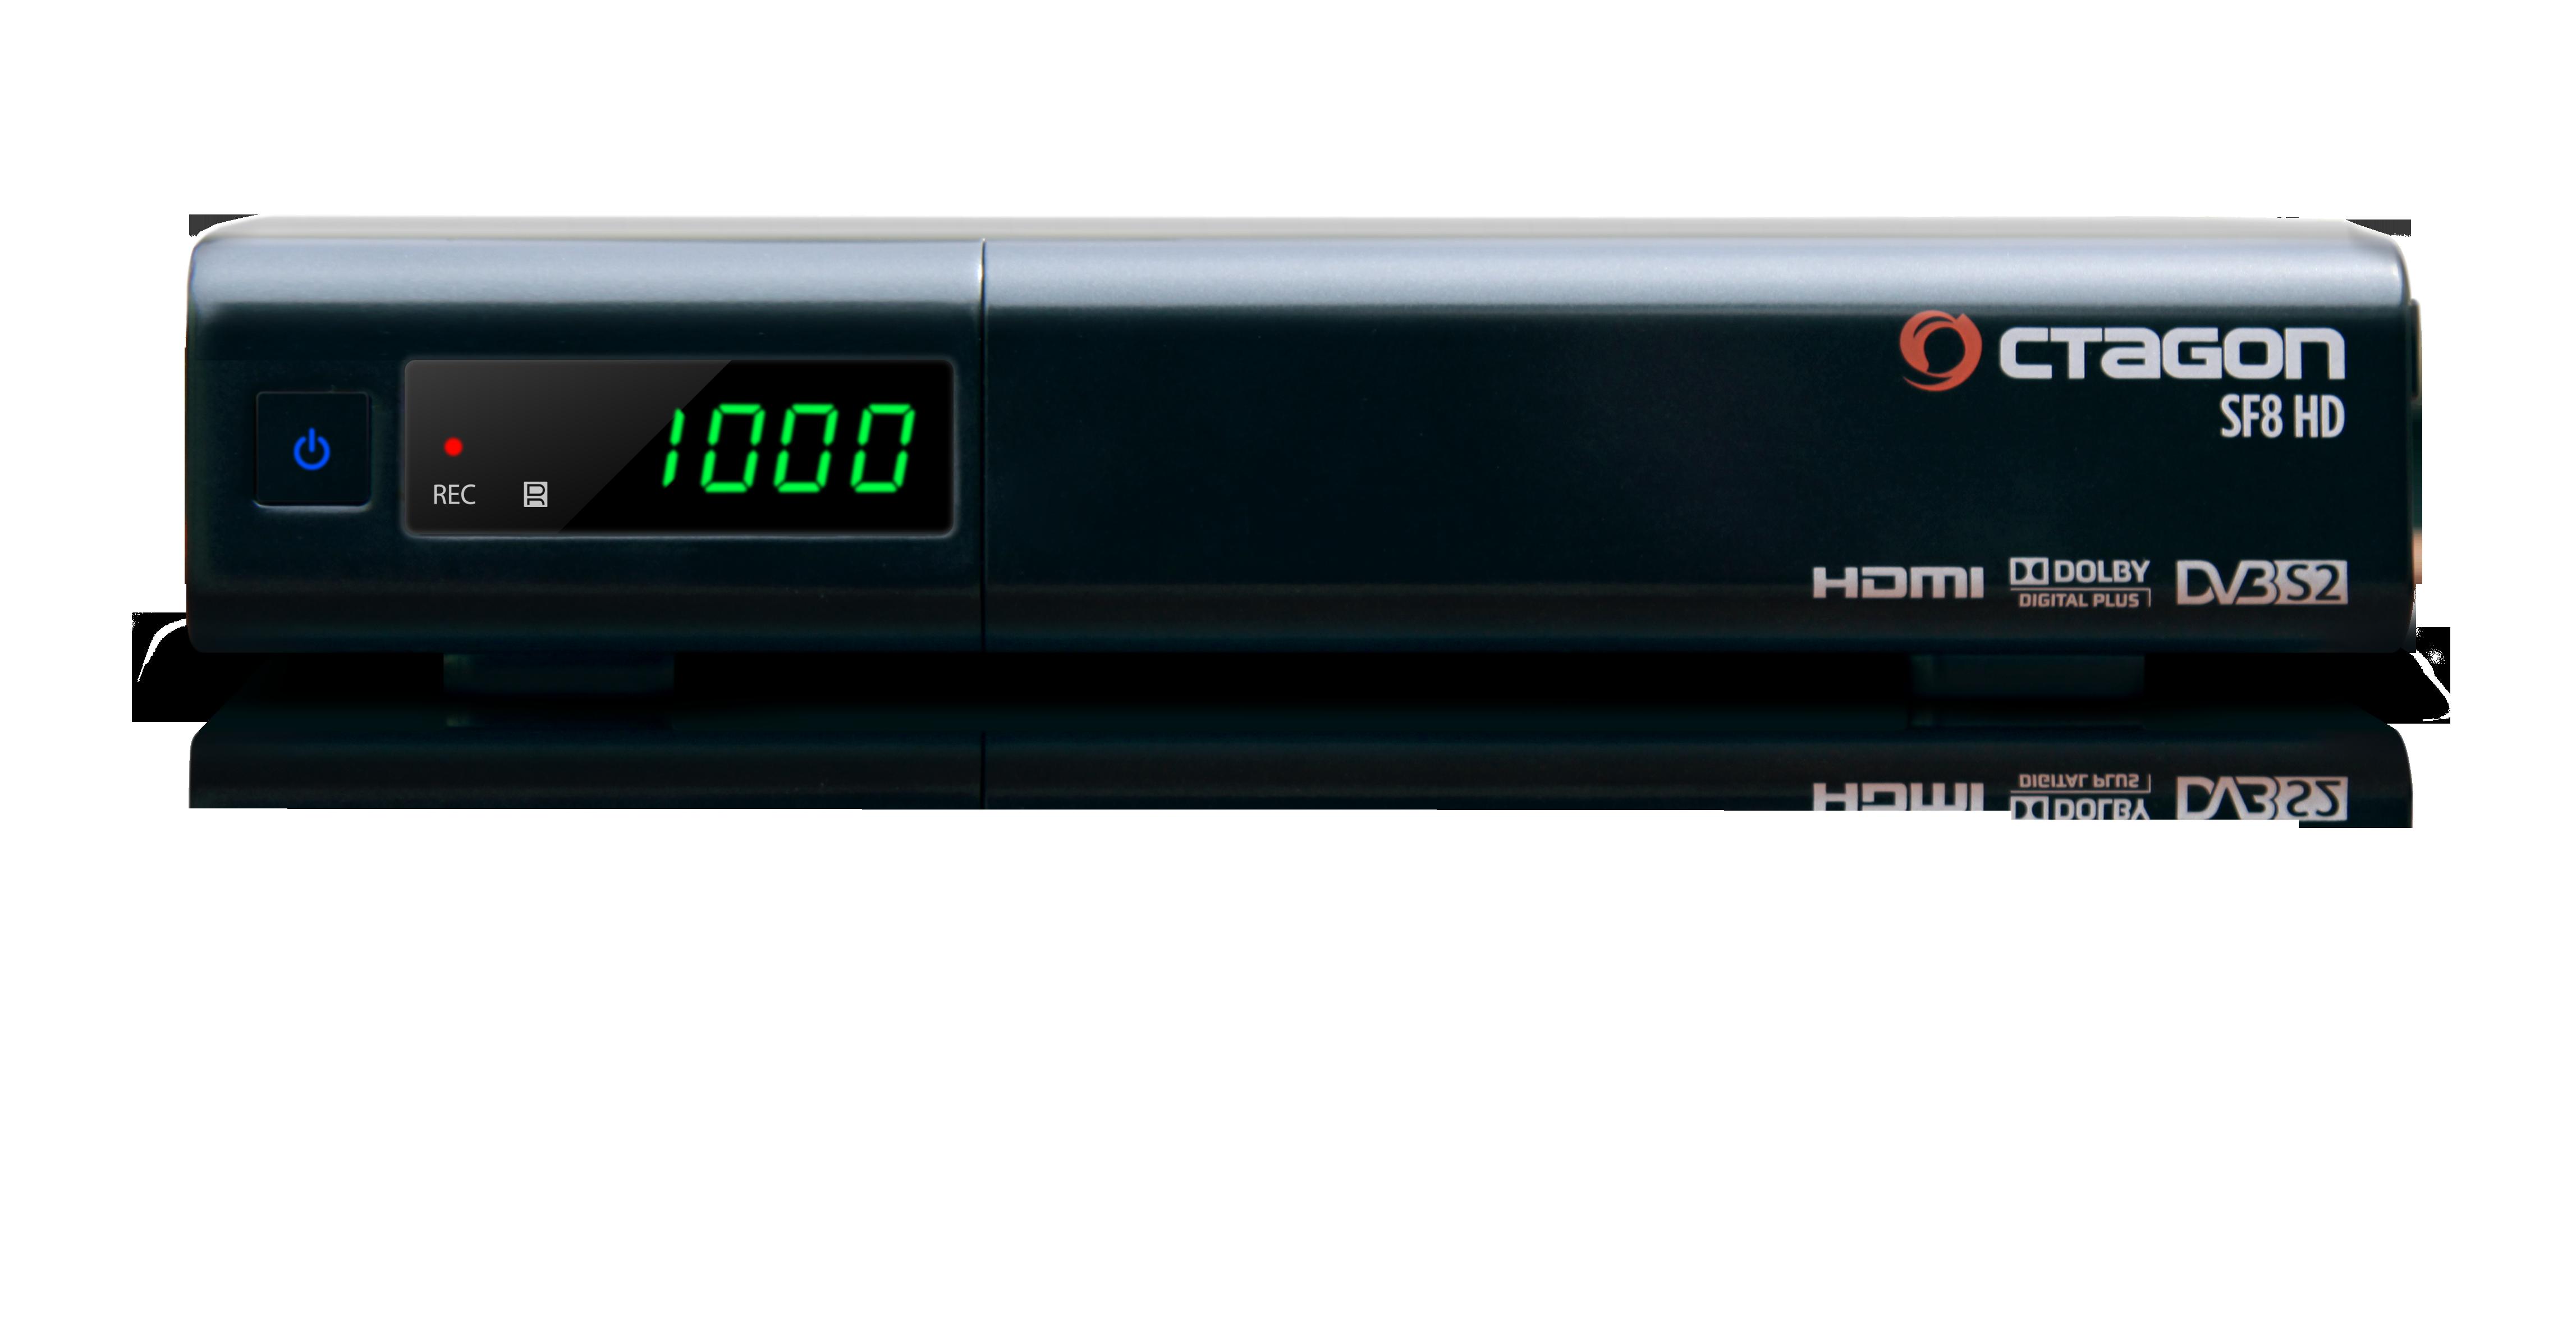 Resultado de imagem para OCTAGON SF8 HD E2